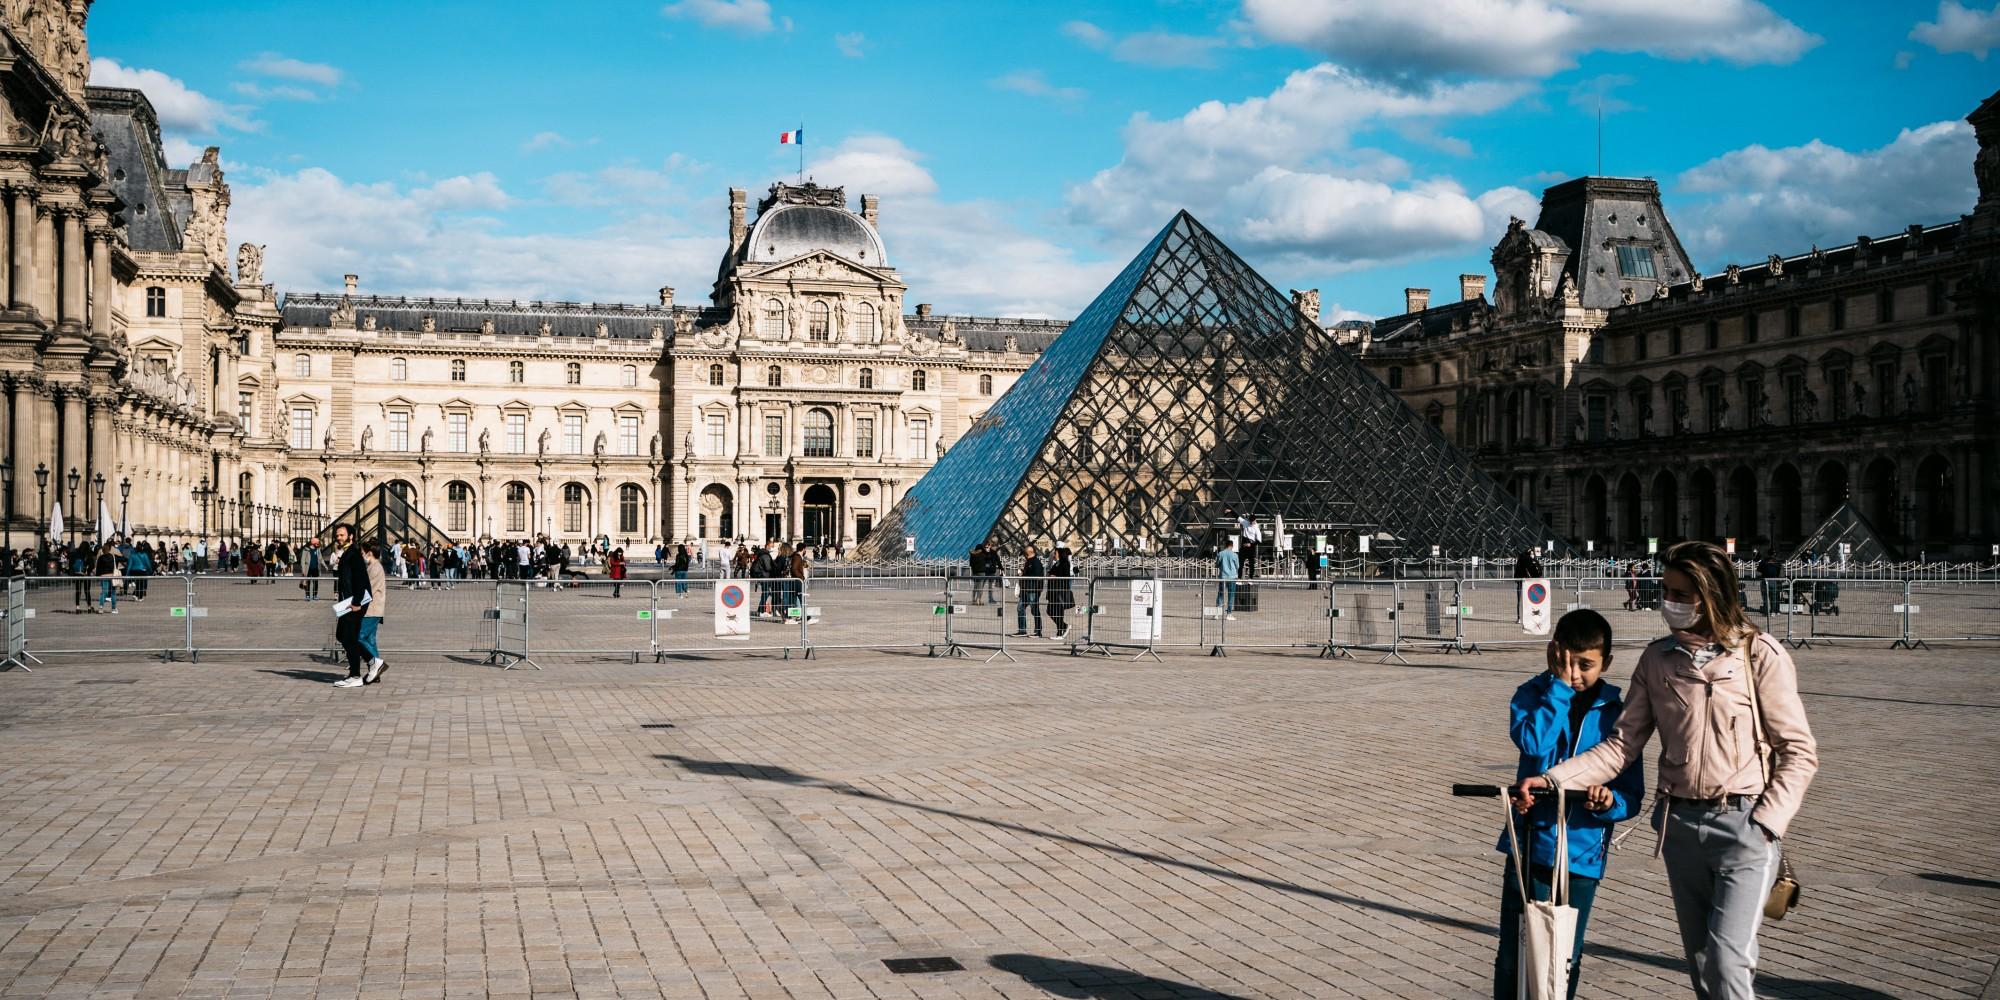 La cour fermée du musée du Louvre va se transformer en salle de cinéma en plein air